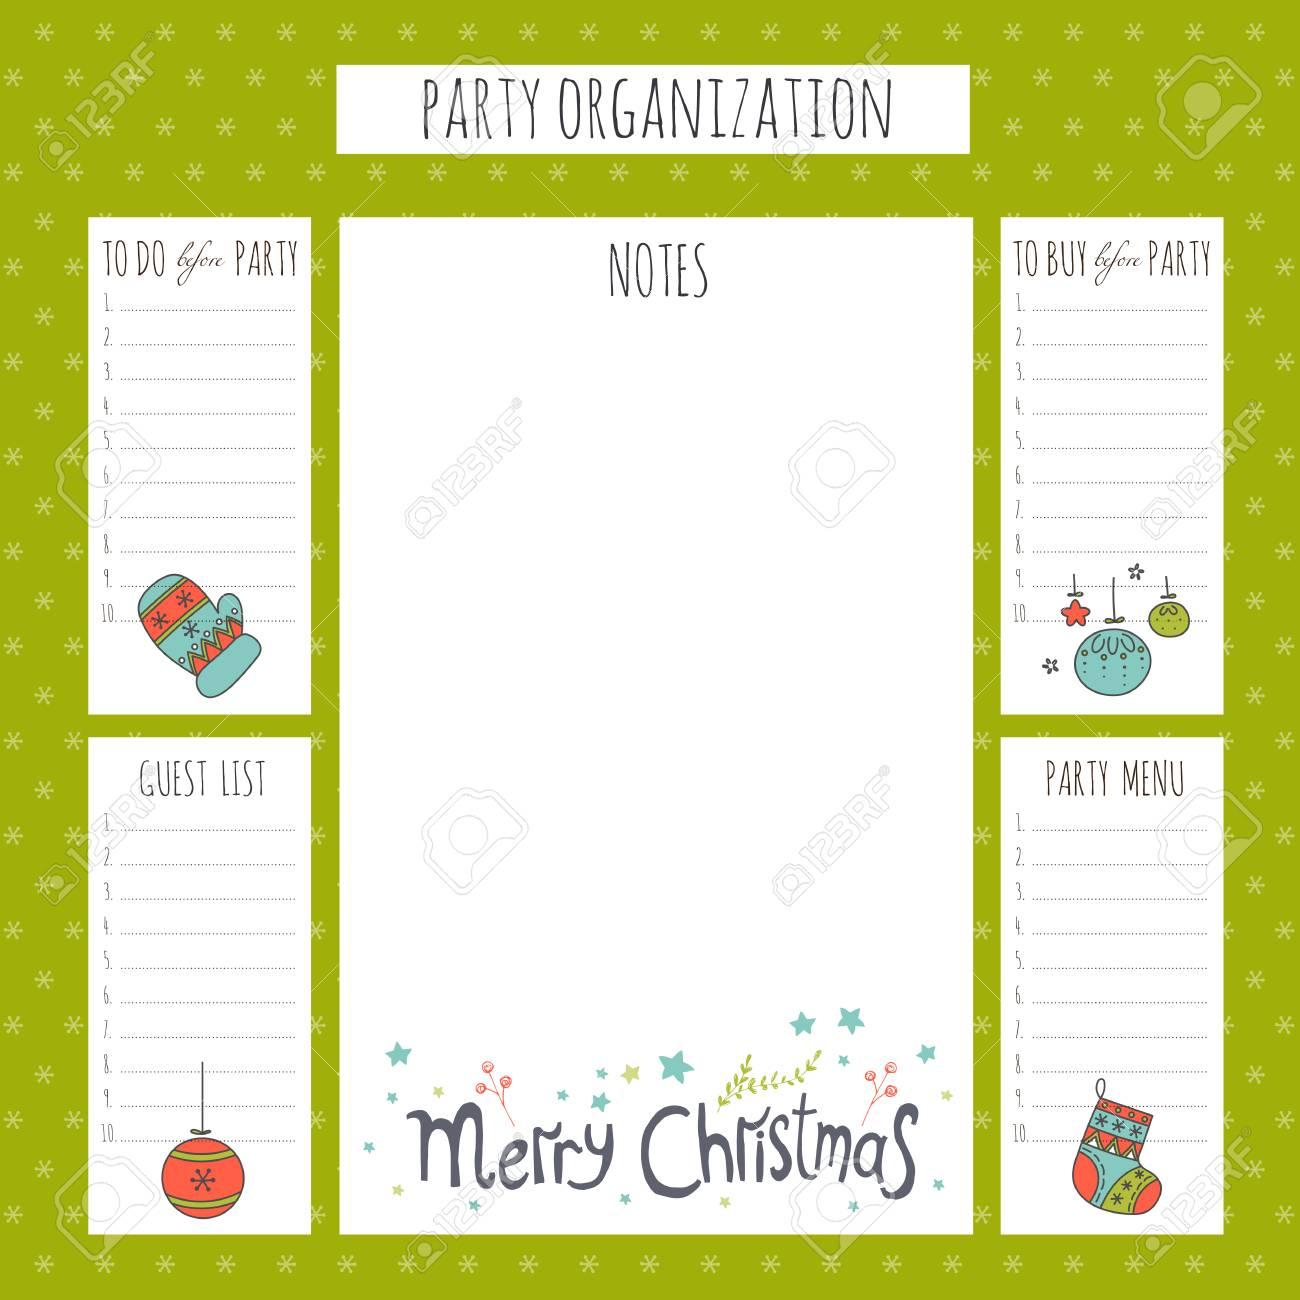 Conjunto De Año Nuevo Y Vacaciones De Navidad Para Hacer Listas En Un Gran Cartel Lista Para Imprimir Para La Organización De Invierno Partido